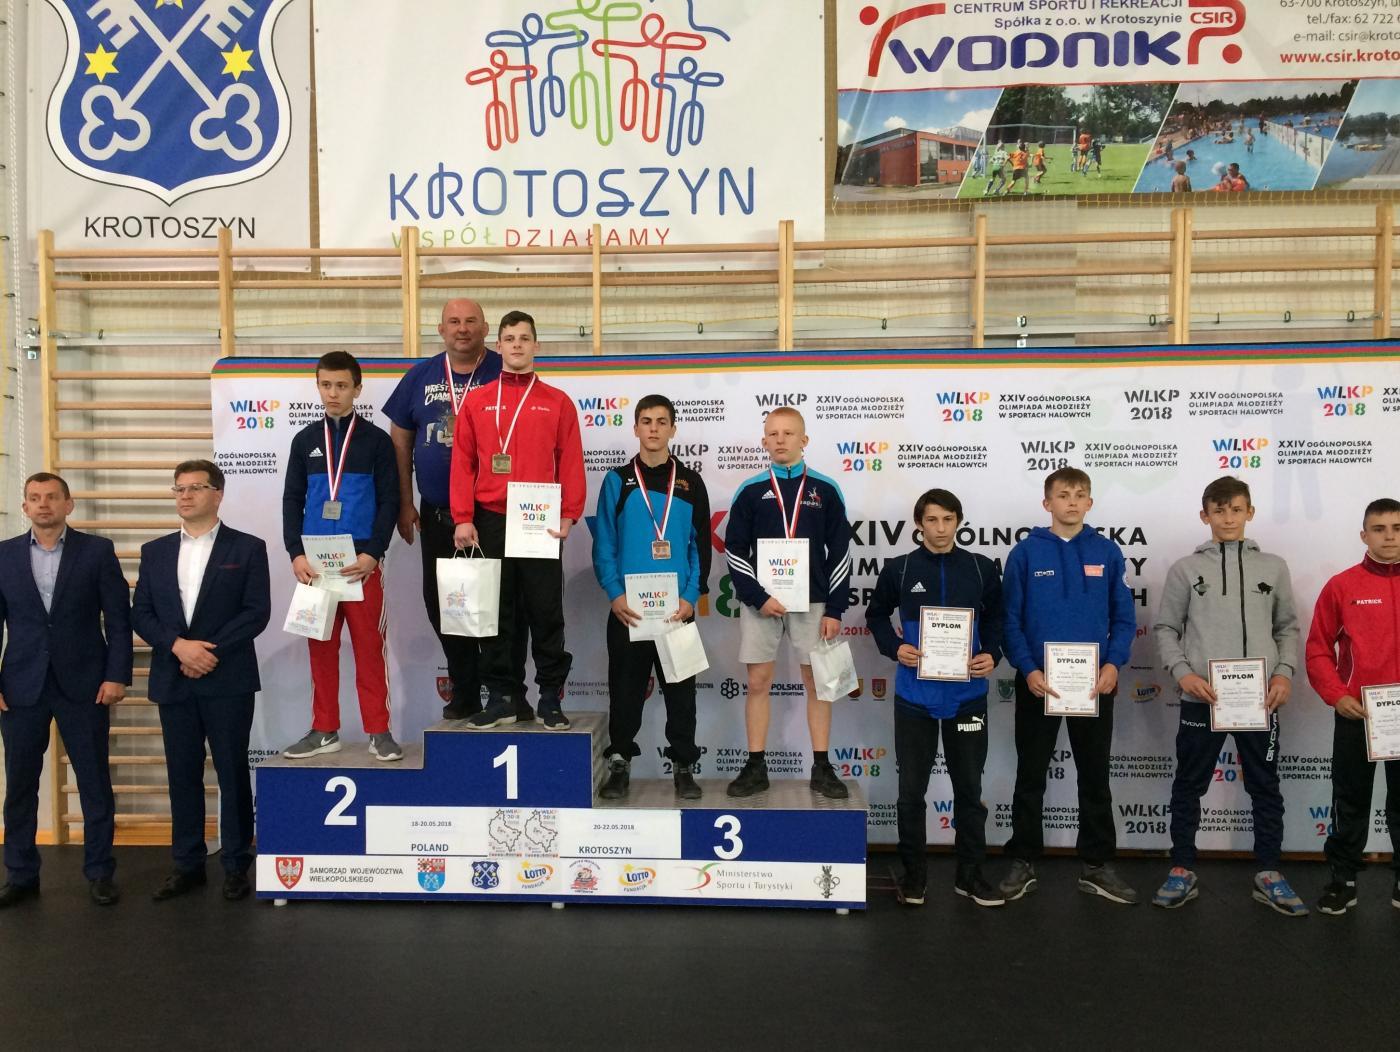 Klaudiusz Wiezner złotym medalistą!